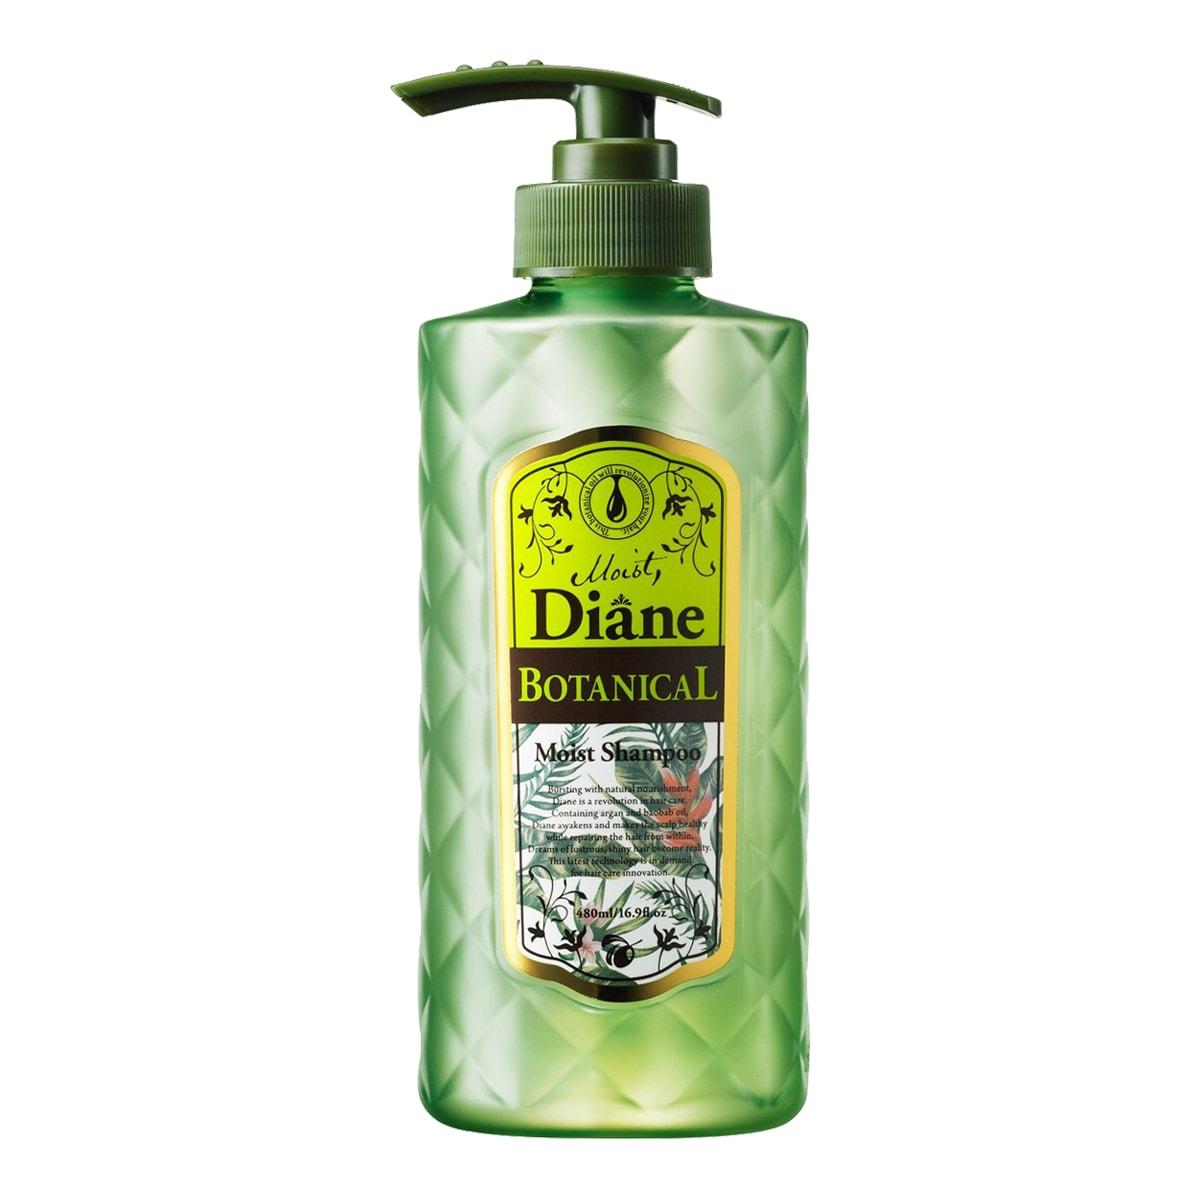 日本MOIST DIANE 草本植物系列 保湿润泽无硅洗发水 480ml